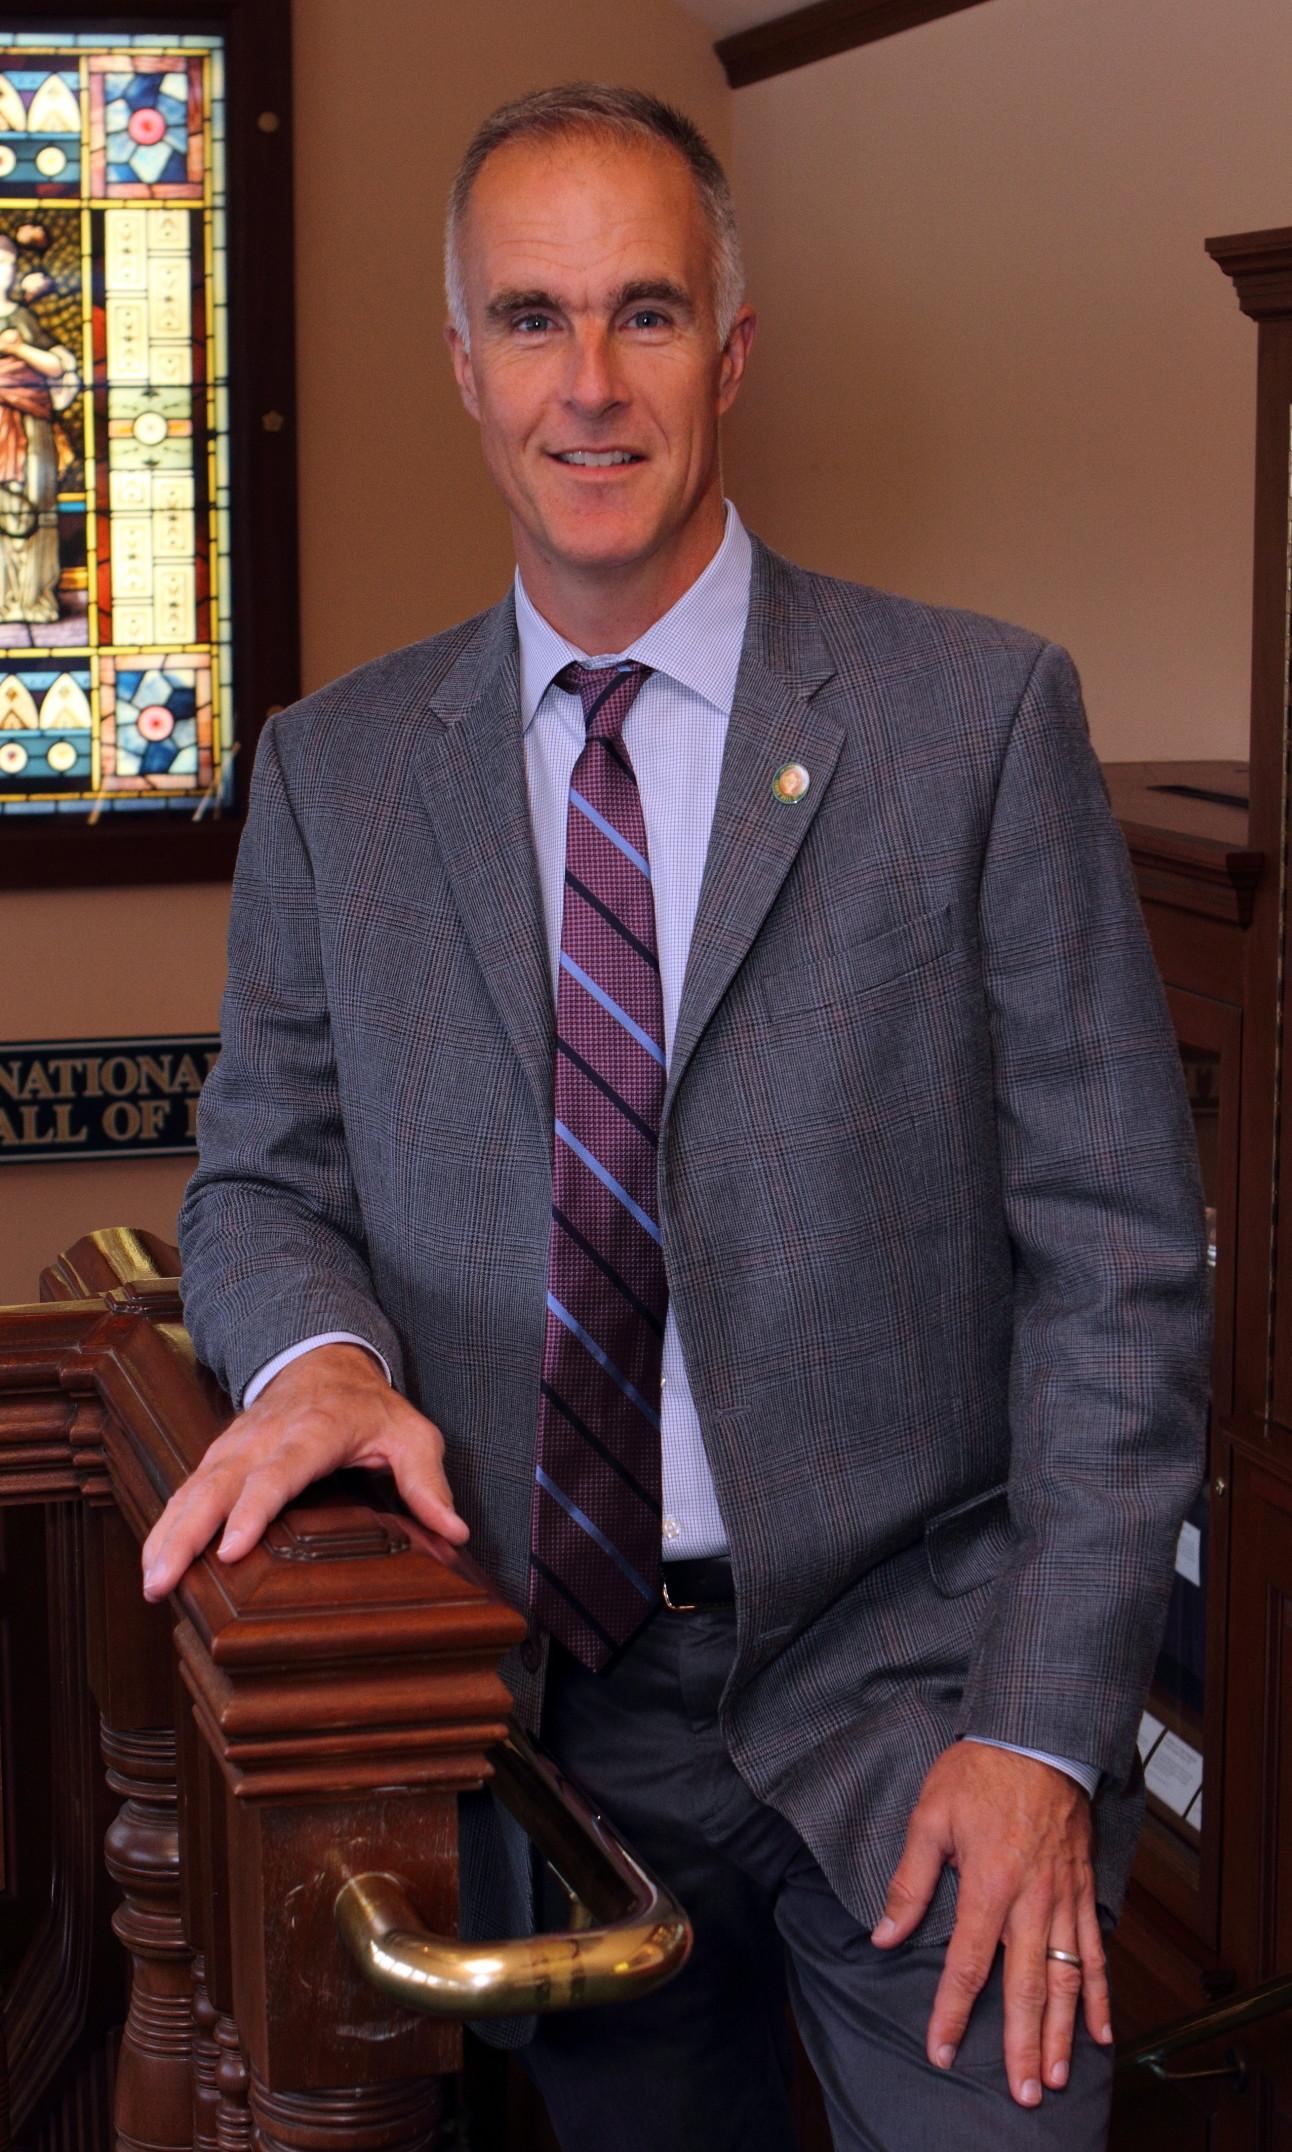 Todd Marti